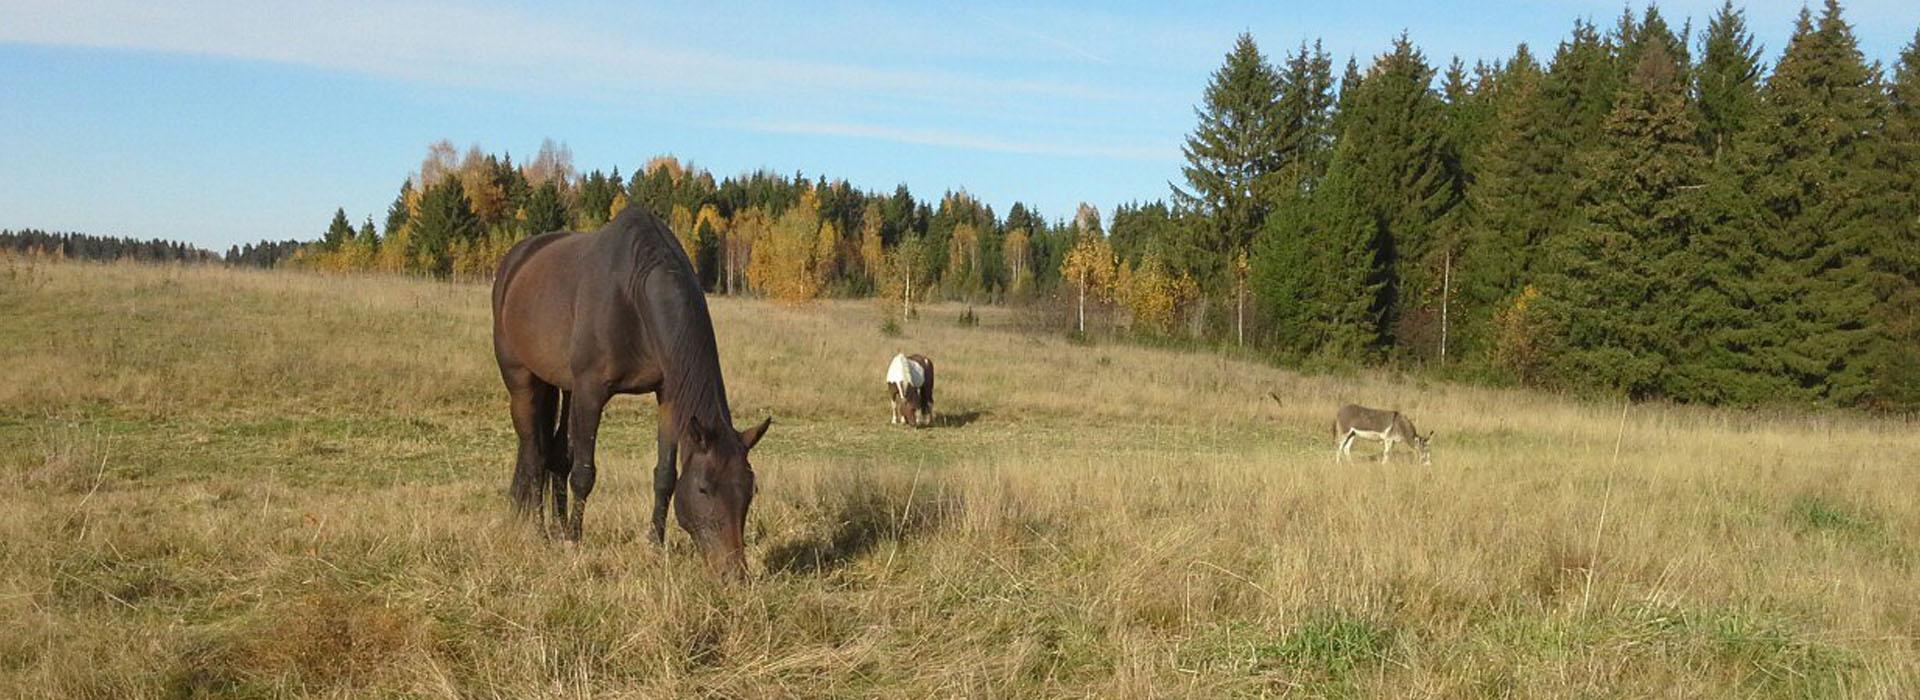 Мечта о создании лошадиного заповедника